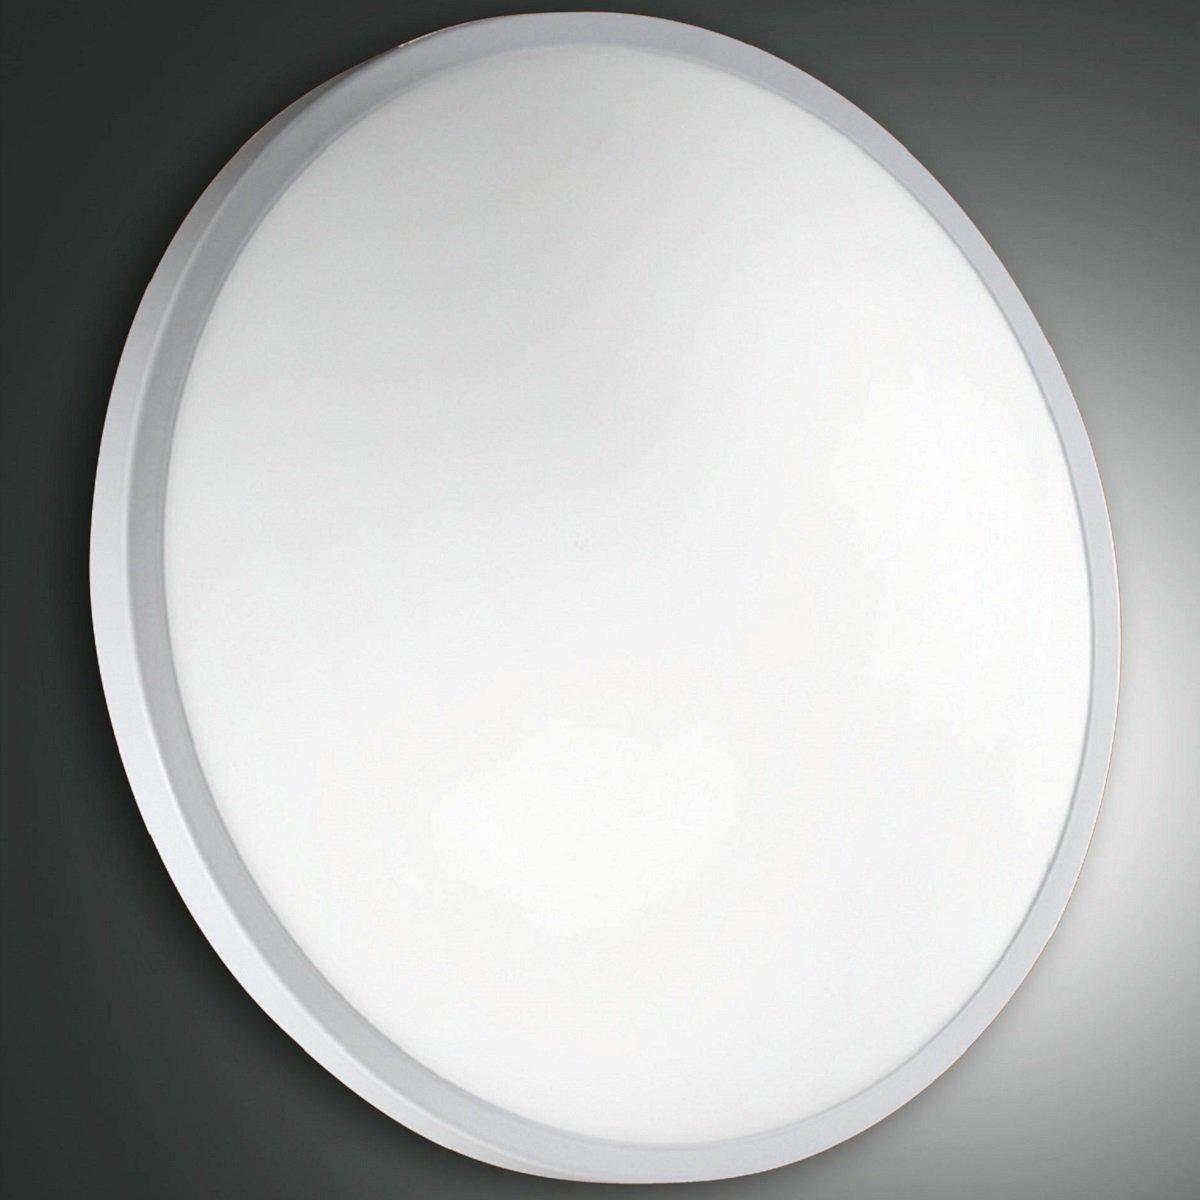 FABAS LUCE No 316665102 Deckenleuchte PLAZA LED D40